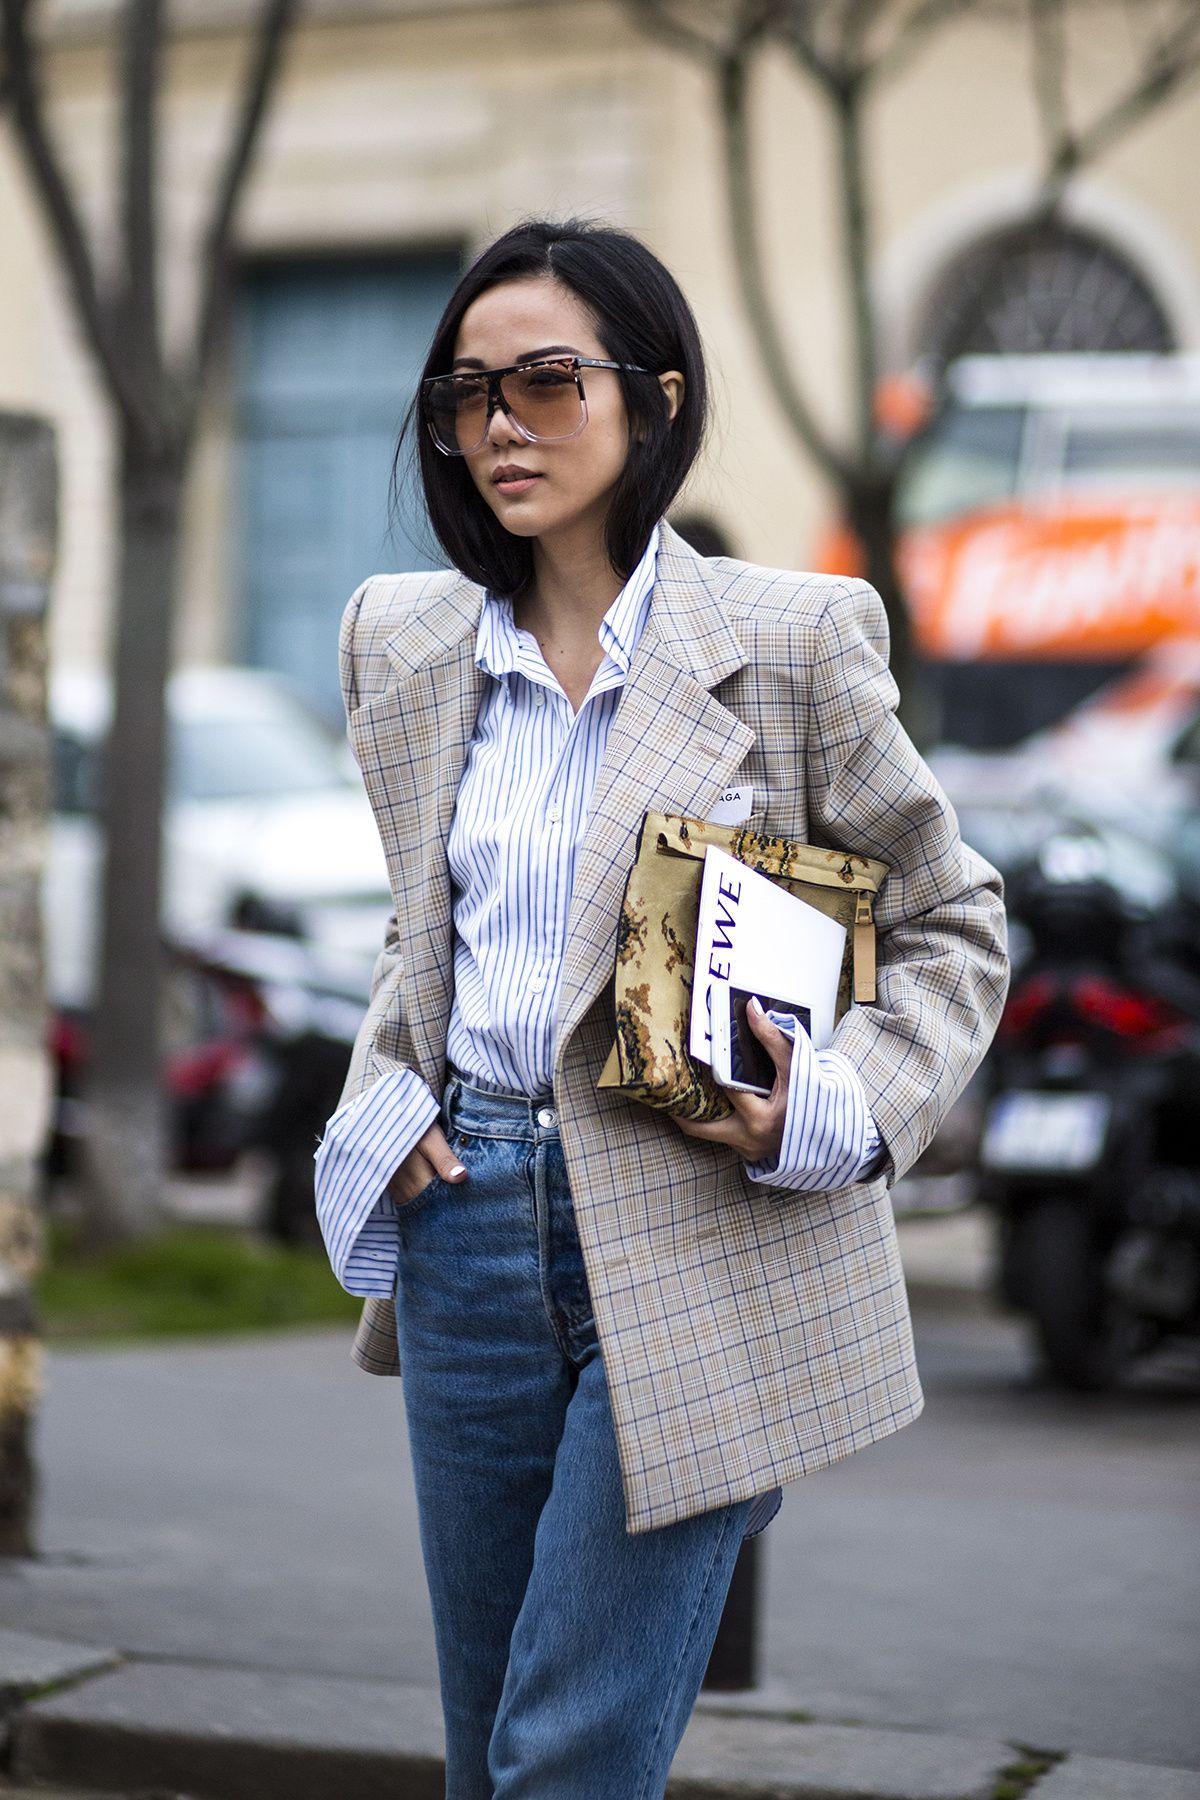 áo sơ mi kẻ sọc mặc cùng áo blazer công sở yoyo cao